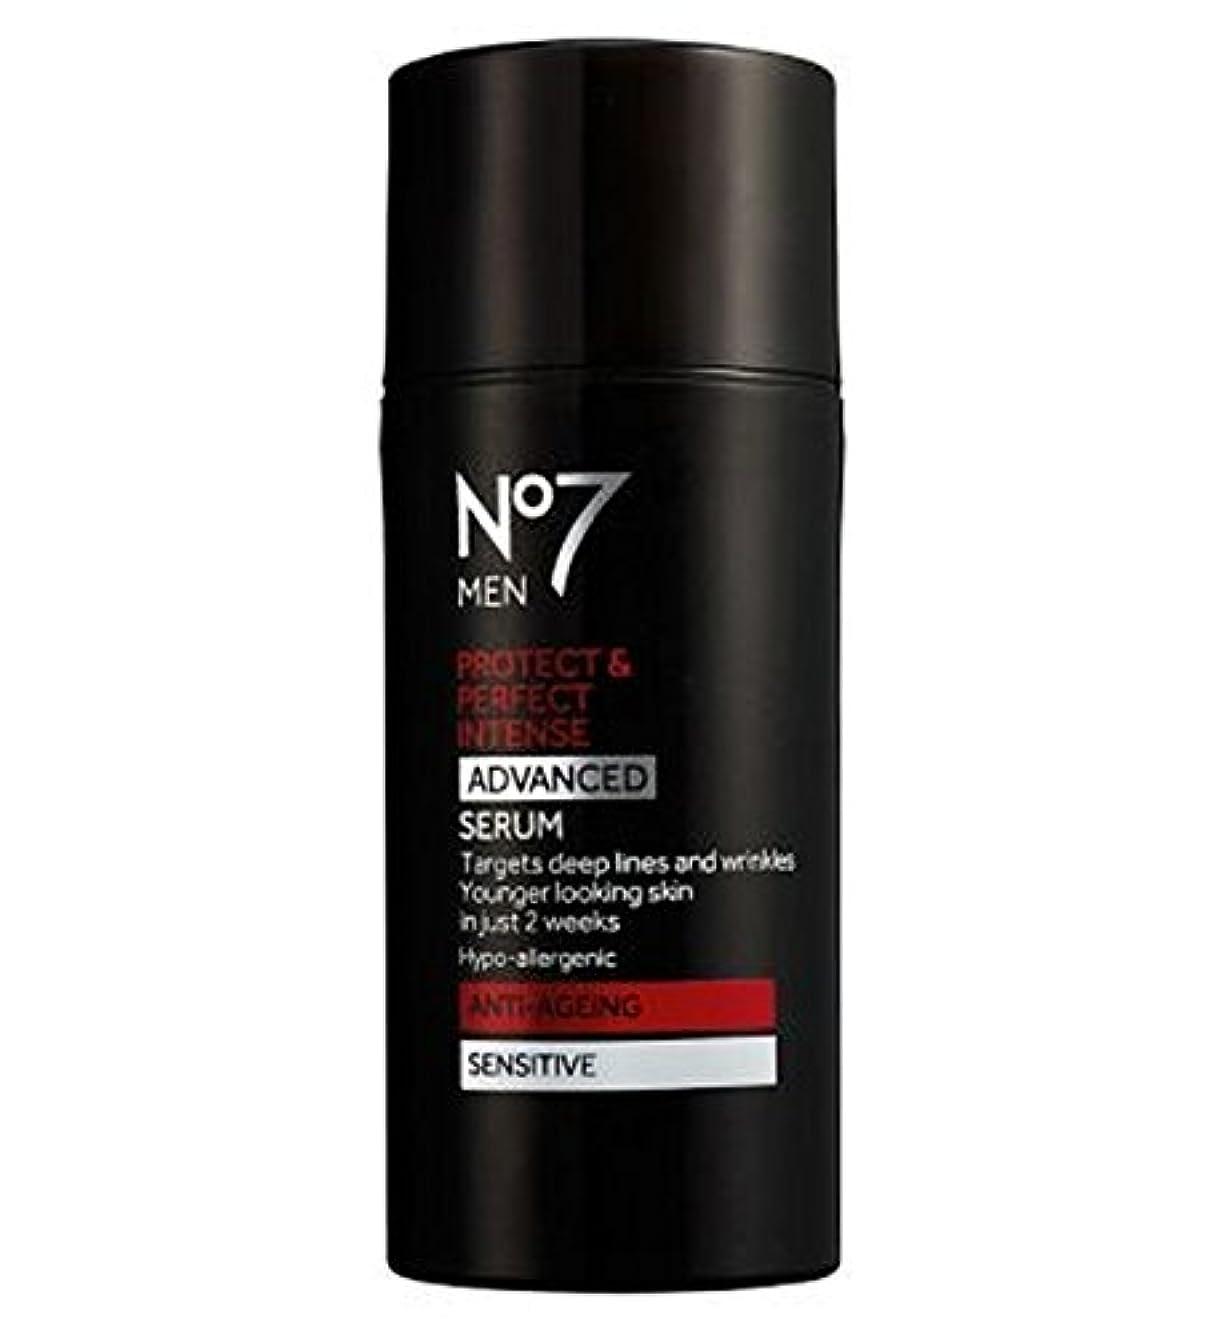 起点綺麗なご飯No7 Men Protect & Perfect Intense ADVANCED Serum - No7の男性は強烈な高度な血清を保護&完璧 (No7) [並行輸入品]